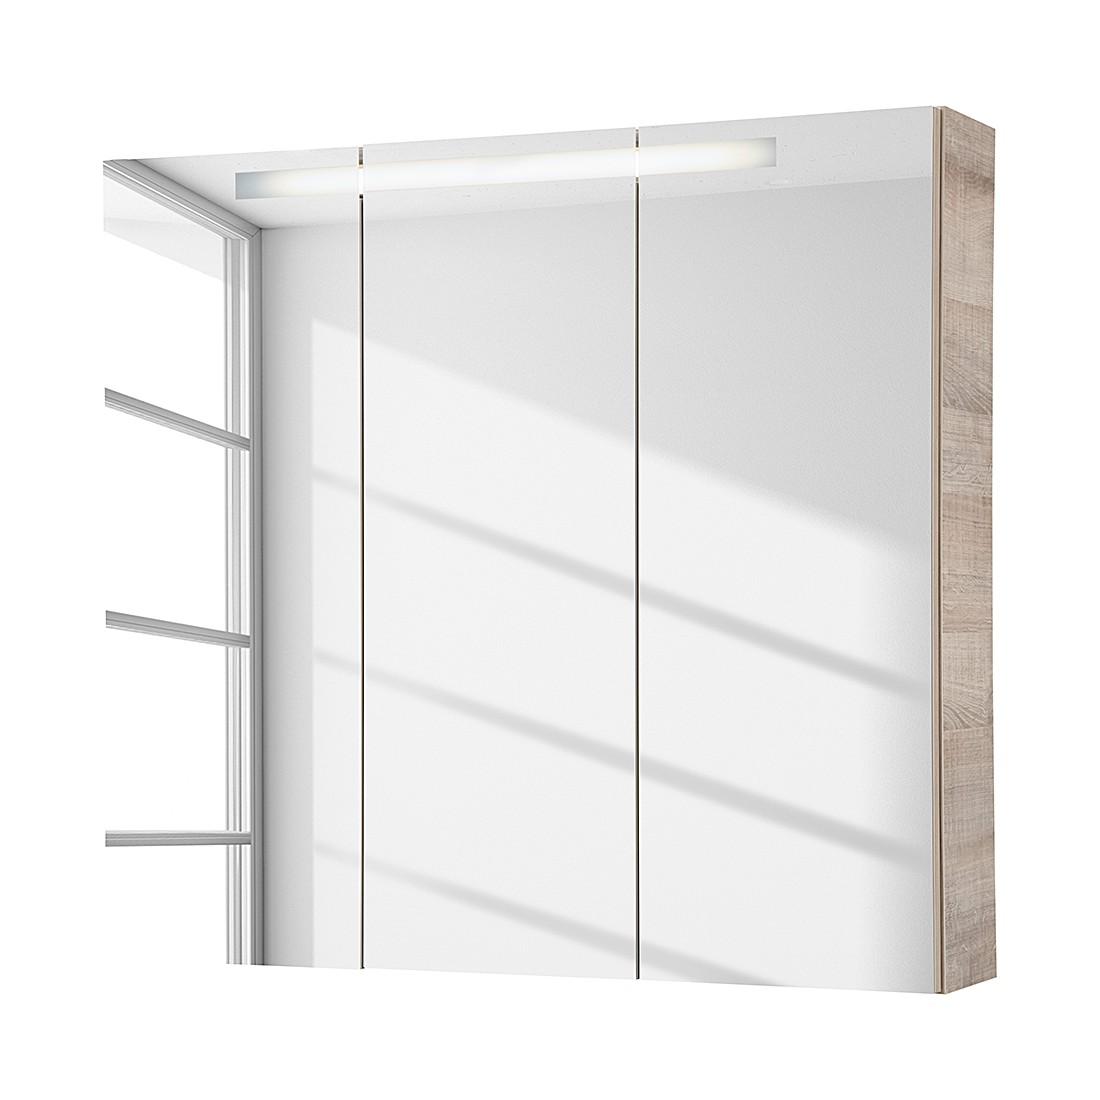 Spiegelschrank Piuro